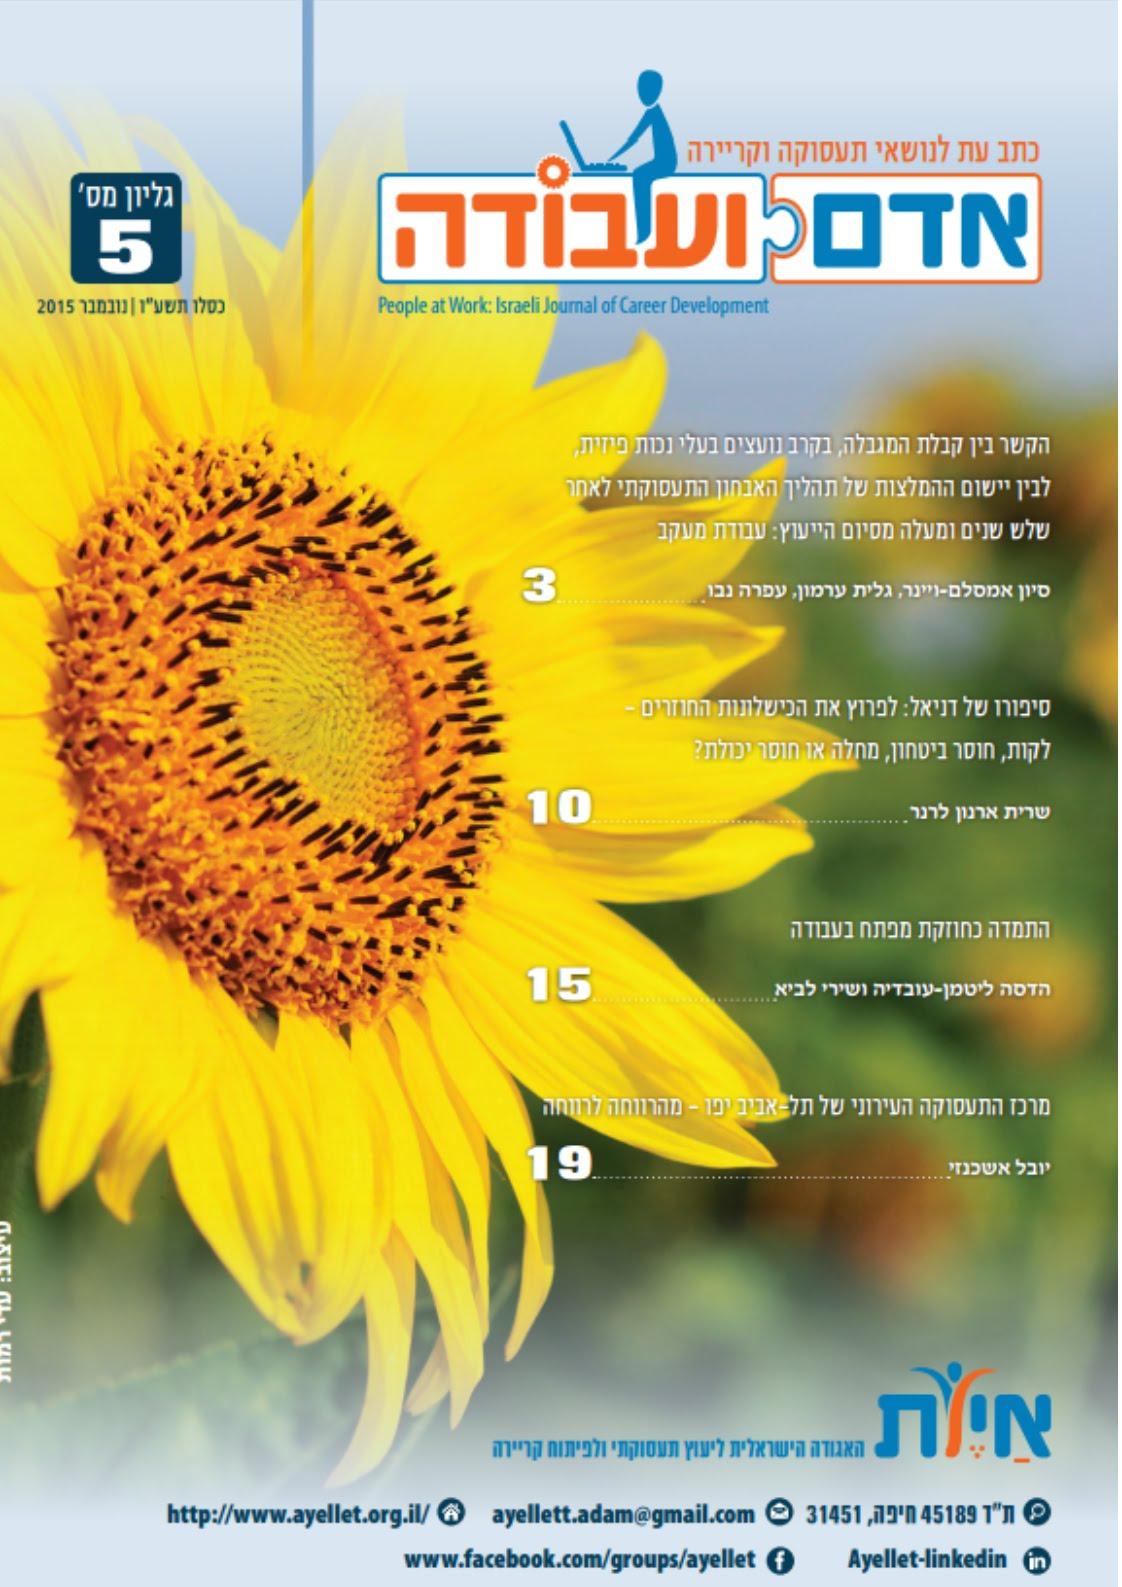 """""""אדם ועבודה - כתב-עת לנושאי תעסוקה וקריירה"""" גיליון 5, נובמבר 2015"""